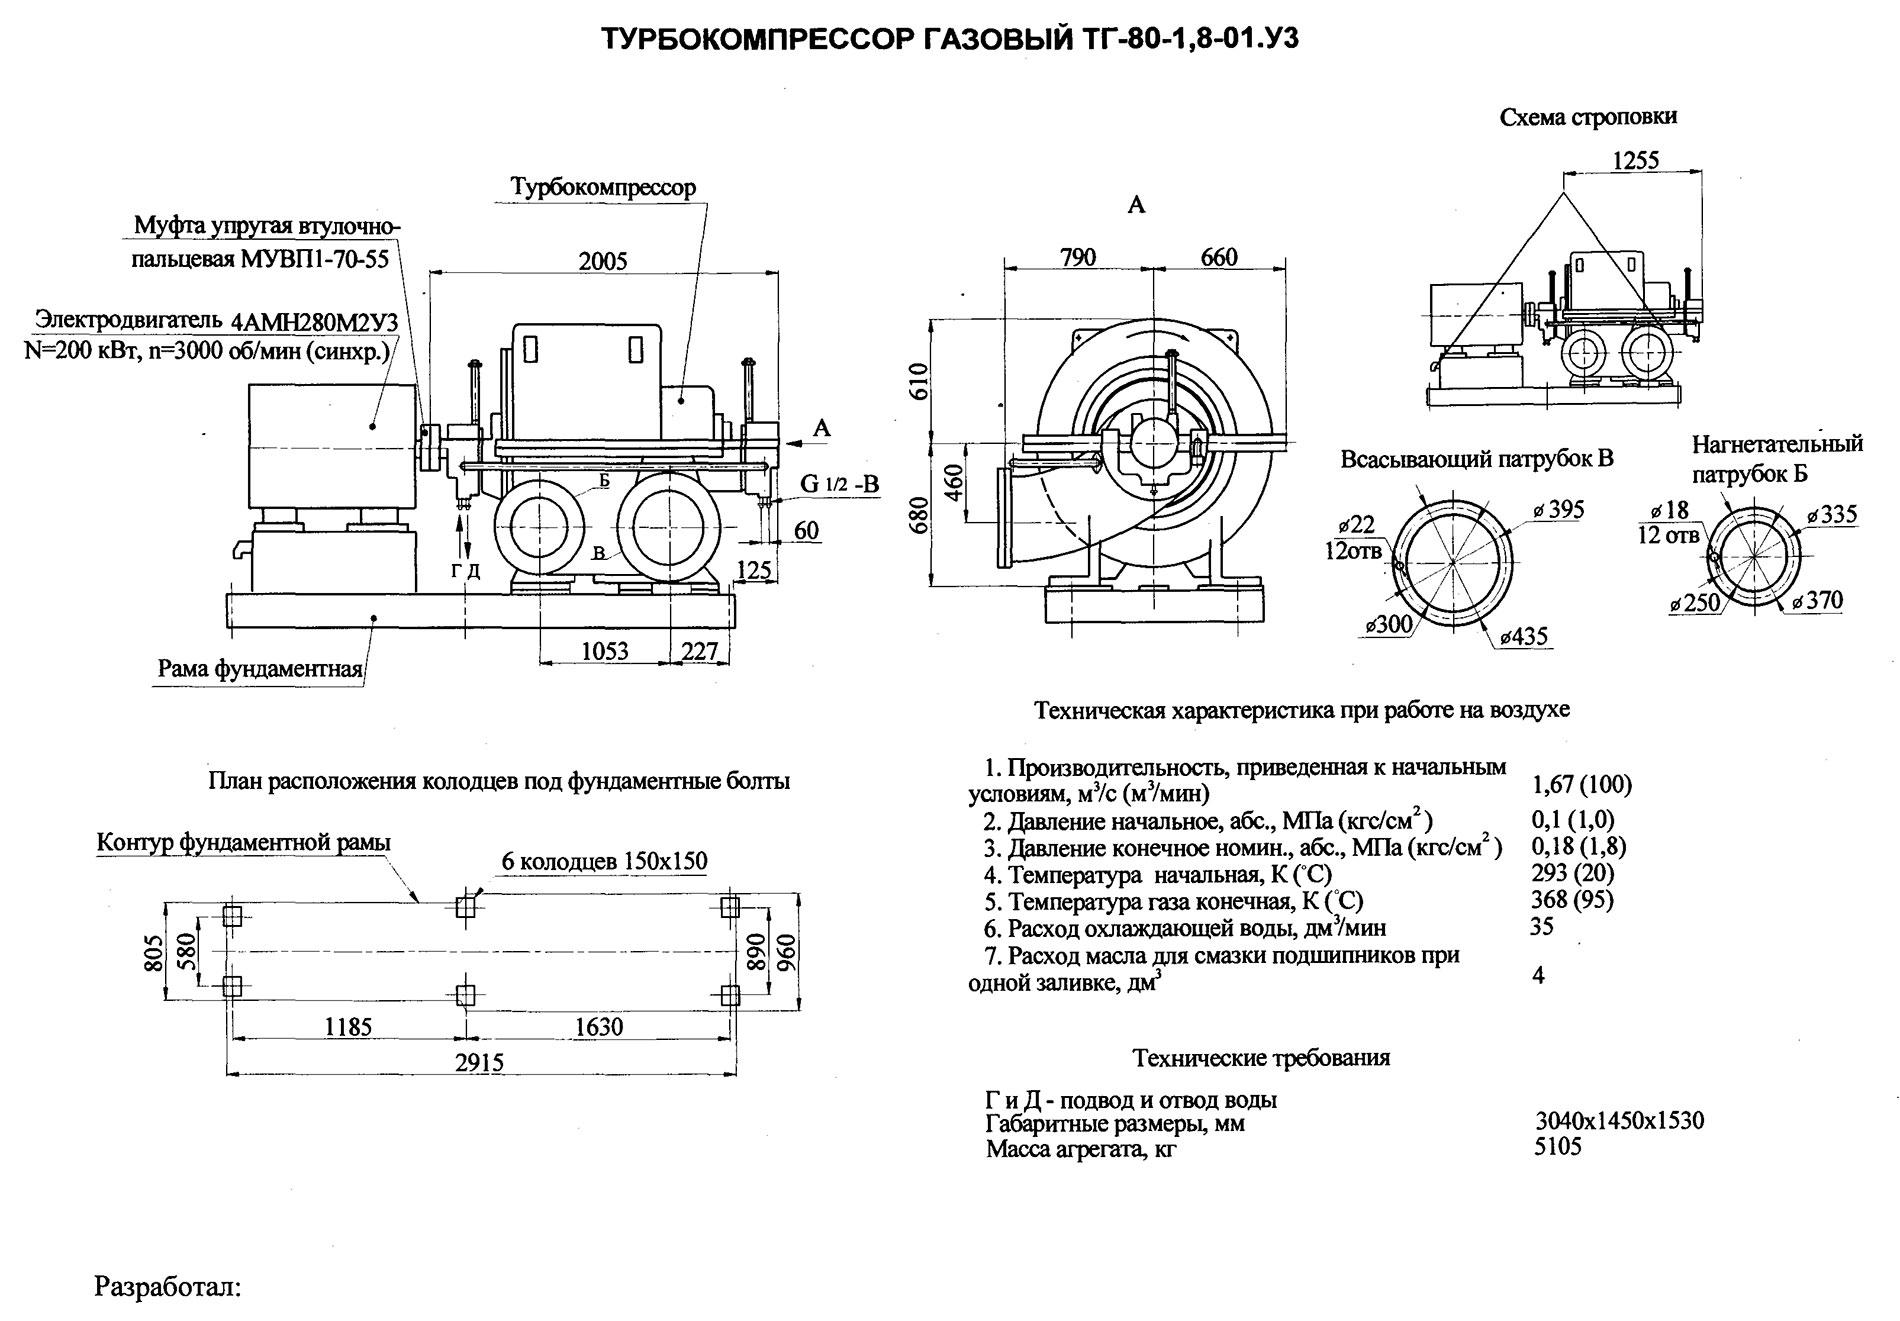 Техническое описание ТГ-80-1,8-01У3